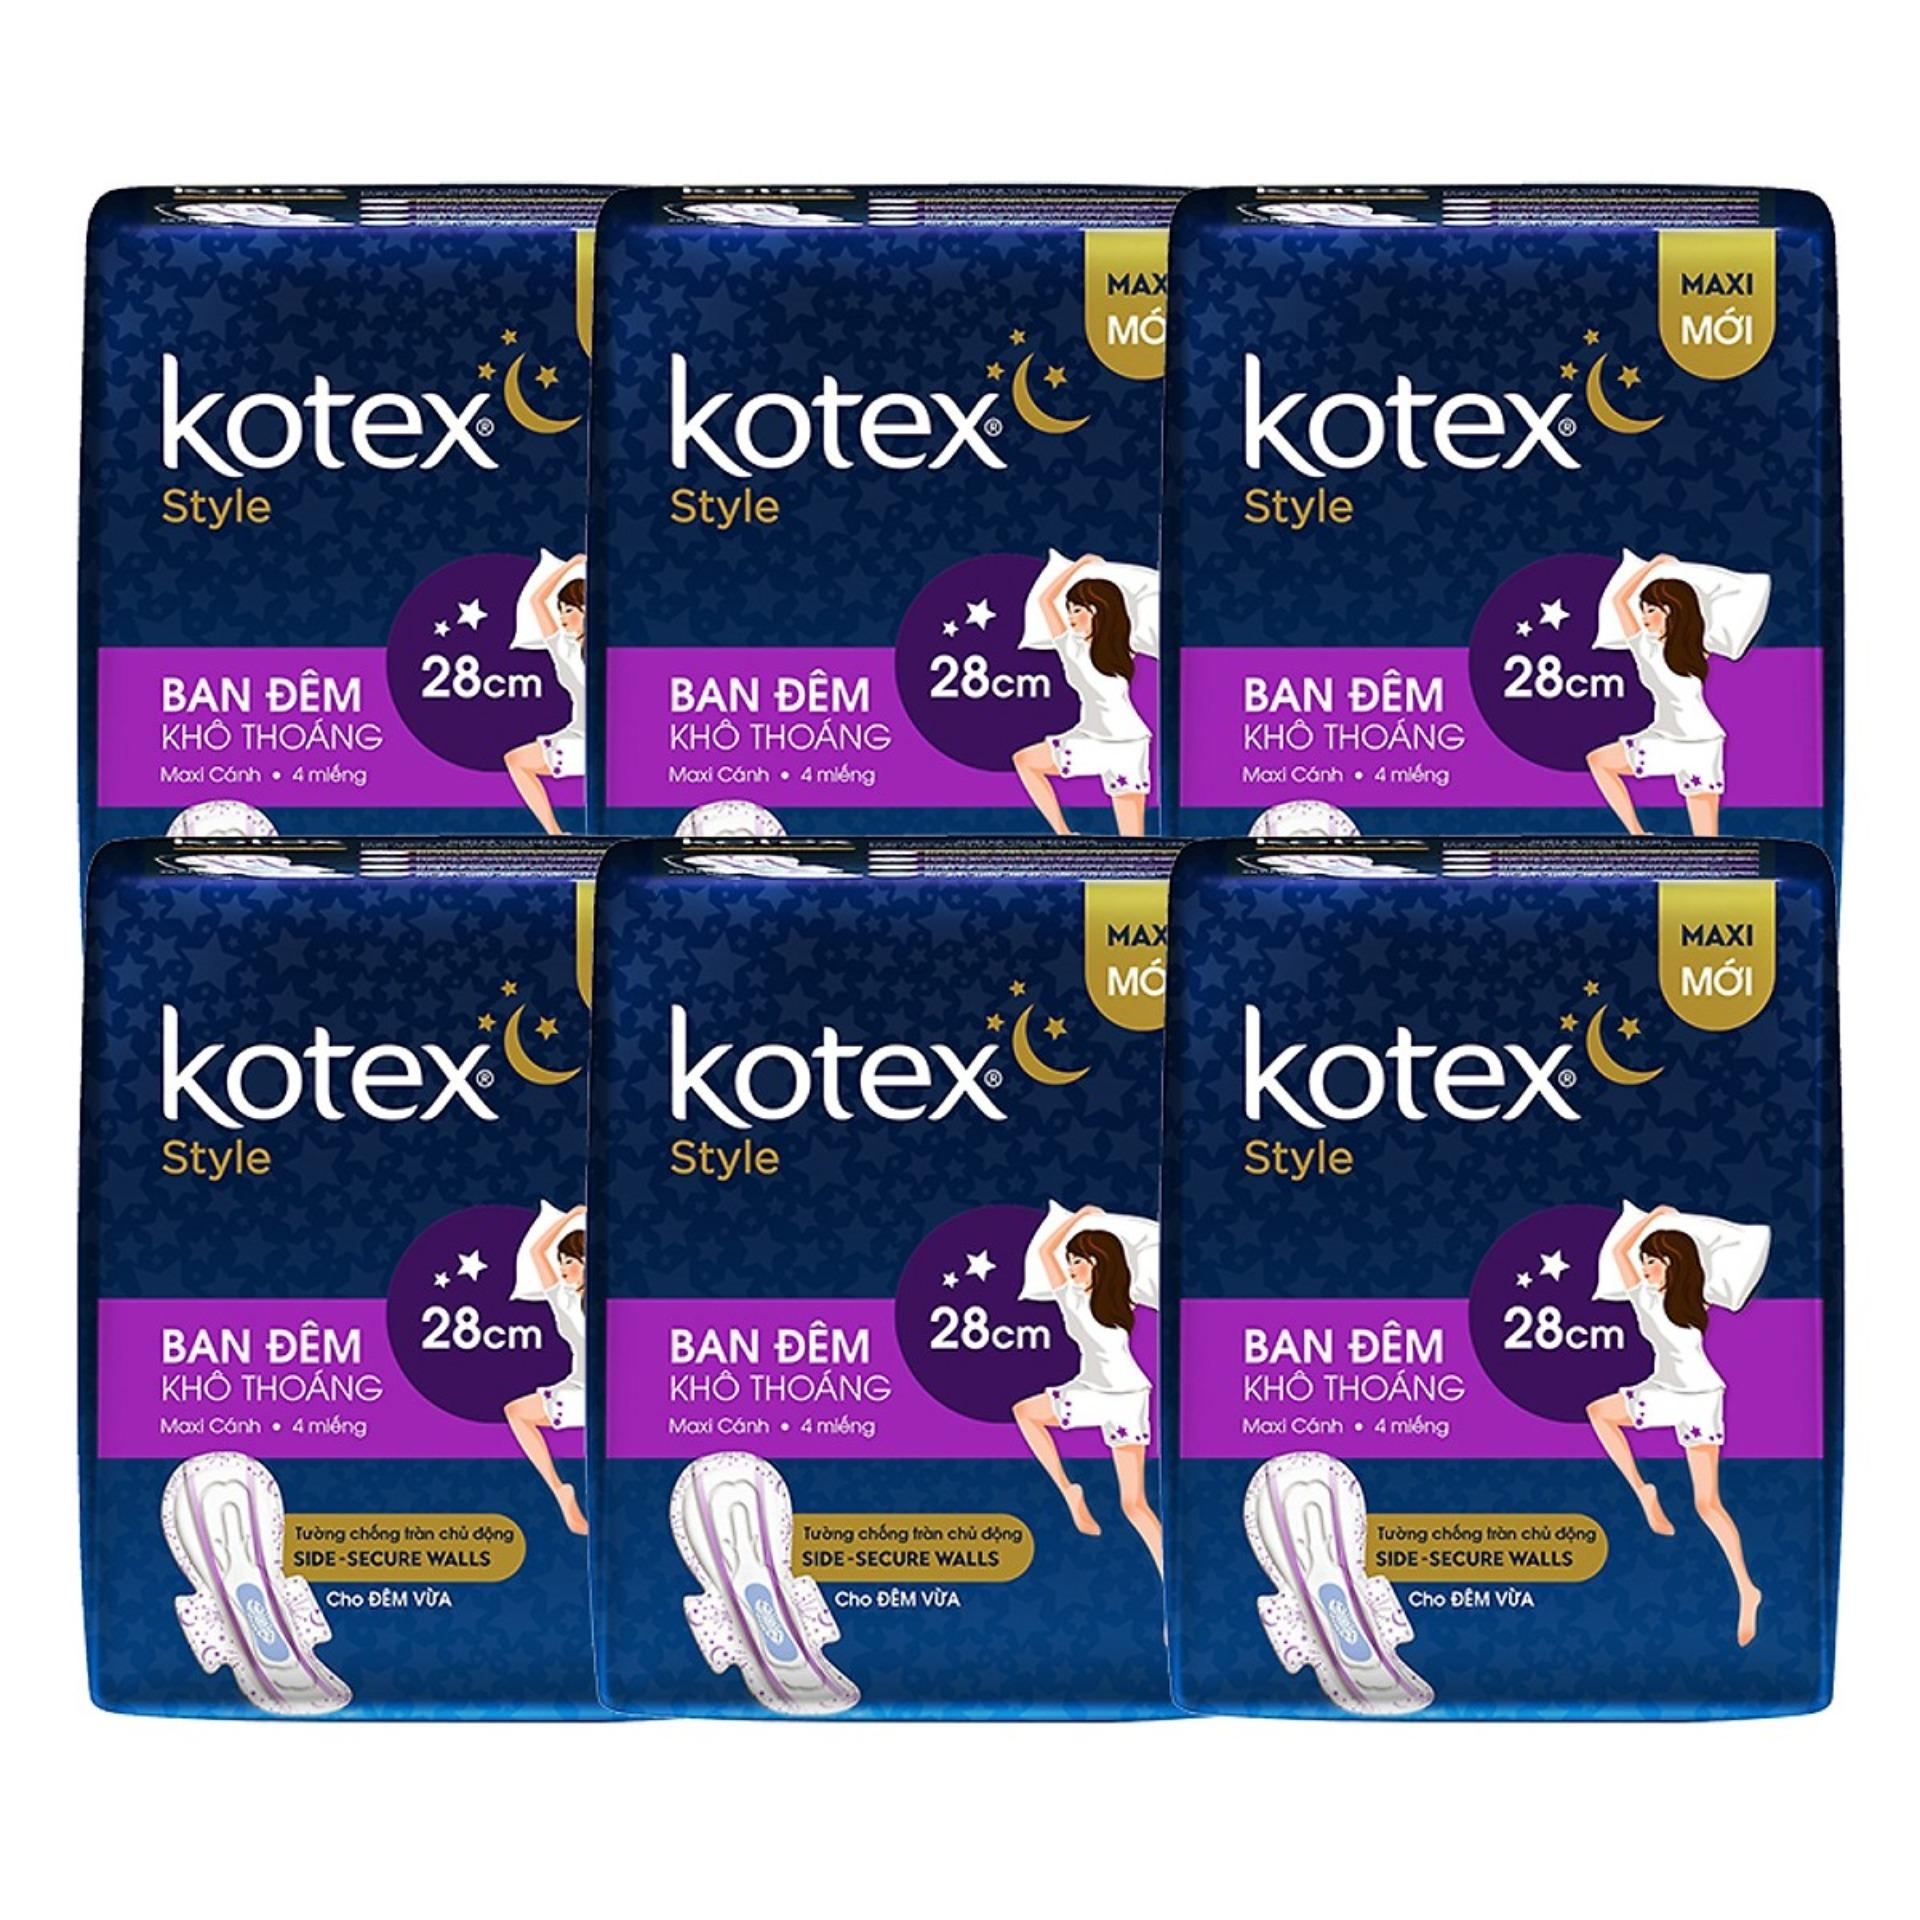 Bộ 8 Gói Băng Vệ Sinh Kotex Style LST Cánh Đêm 28cm nhập khẩu